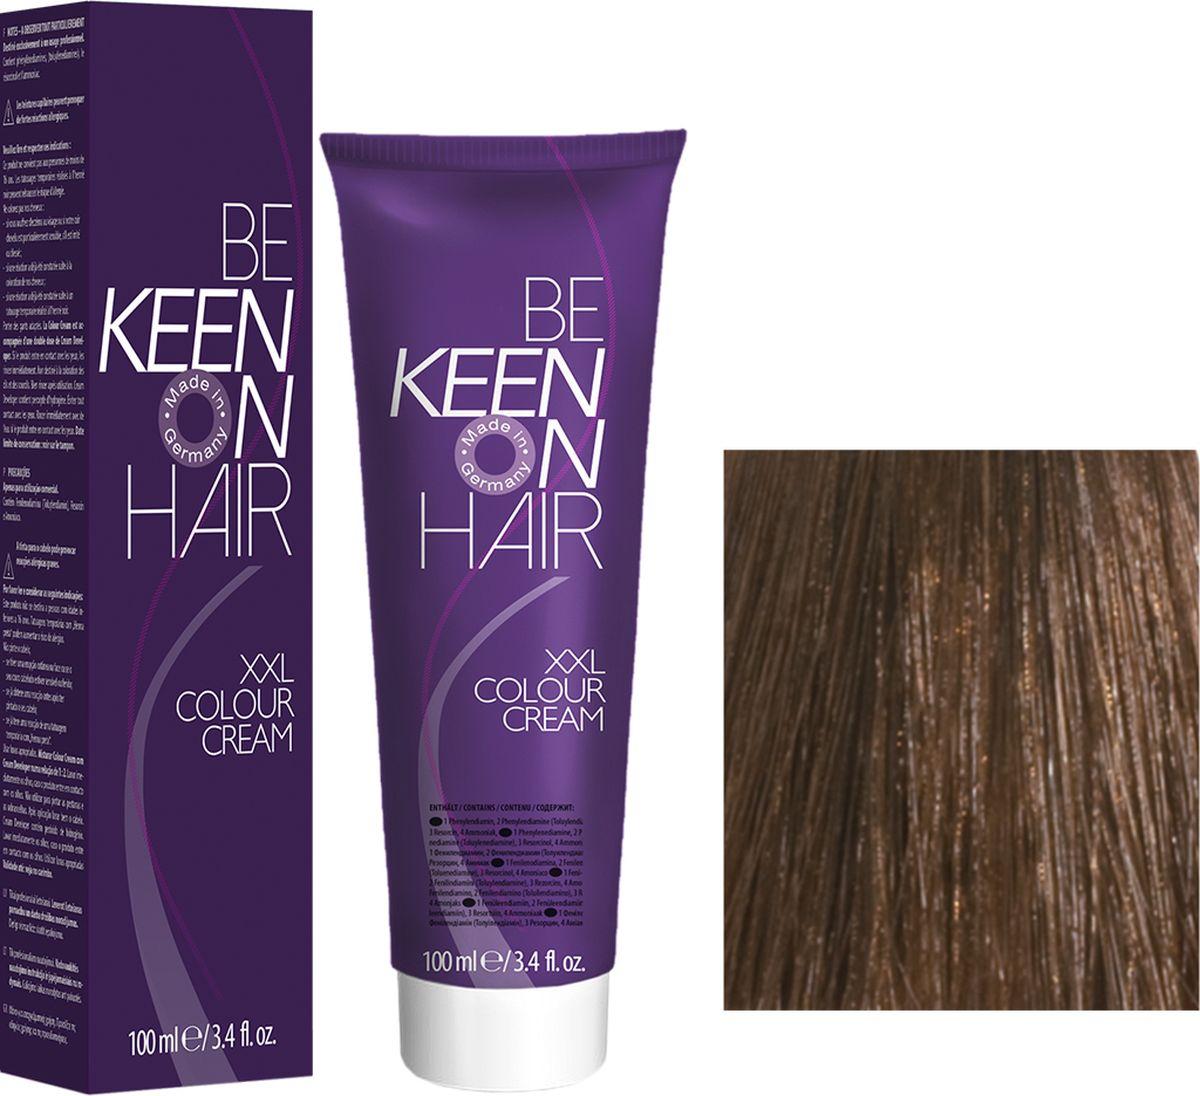 Keen Краска для волос 7.00+ Интенсивный натуральный блондин Mittelbond +, 100 мл69100054Модные оттенкиБолее 100 оттенков для креативной комбинации цветов.ЭкономичностьПри использовании тюбика 100 мл вы получаете оптимальное соотношение цены и качества!УходМолочный белок поддерживает структуру волоса во время окрашивания и придает волосам блеск и шелковистость. Протеины хорошо встраиваются в волосы и снабжают их влагой.